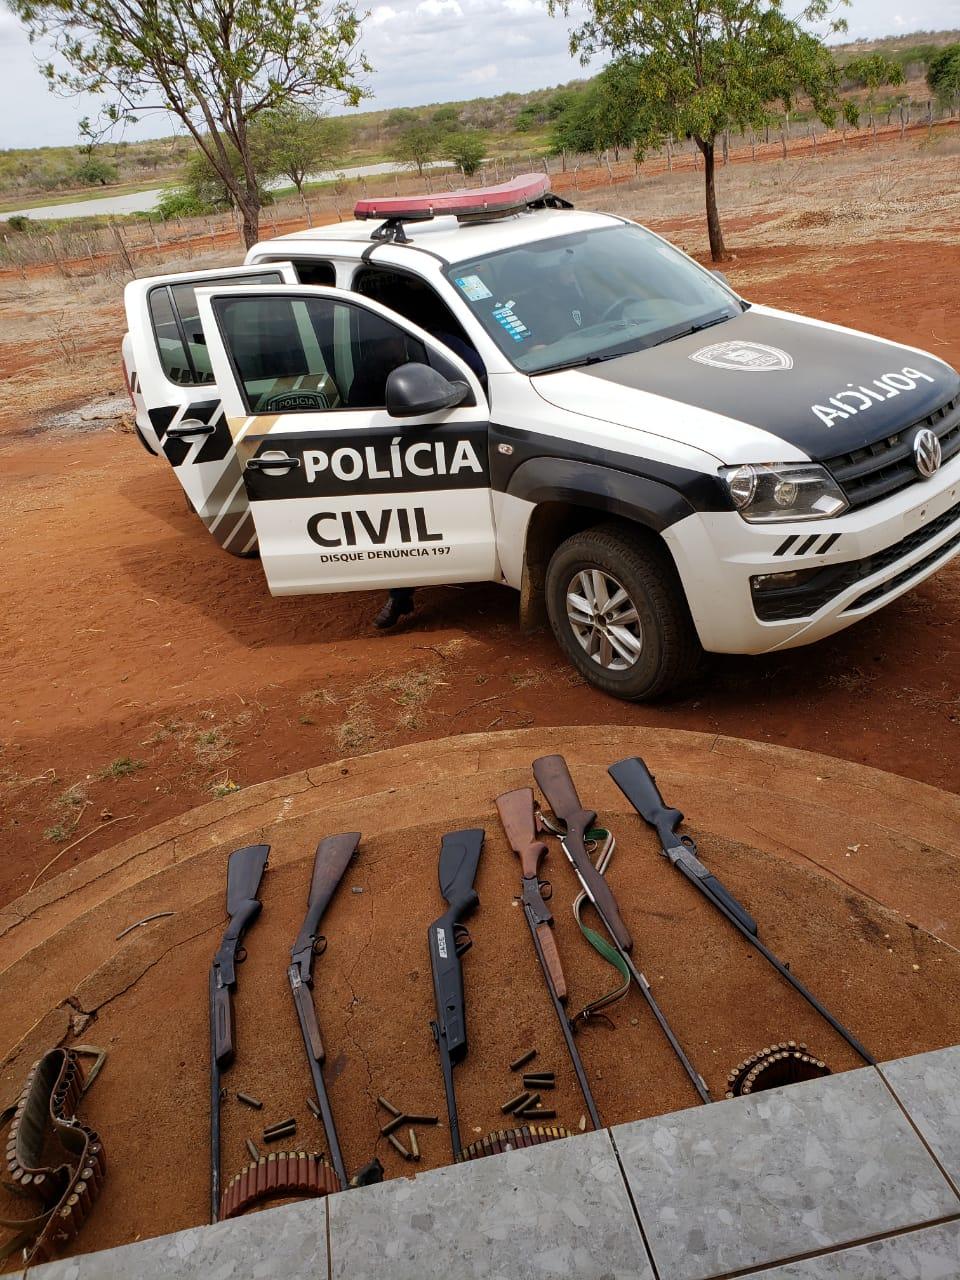 IMG-20210120-WA0108 Polícia apreende armas e munições na zona rural de São João do Cariri